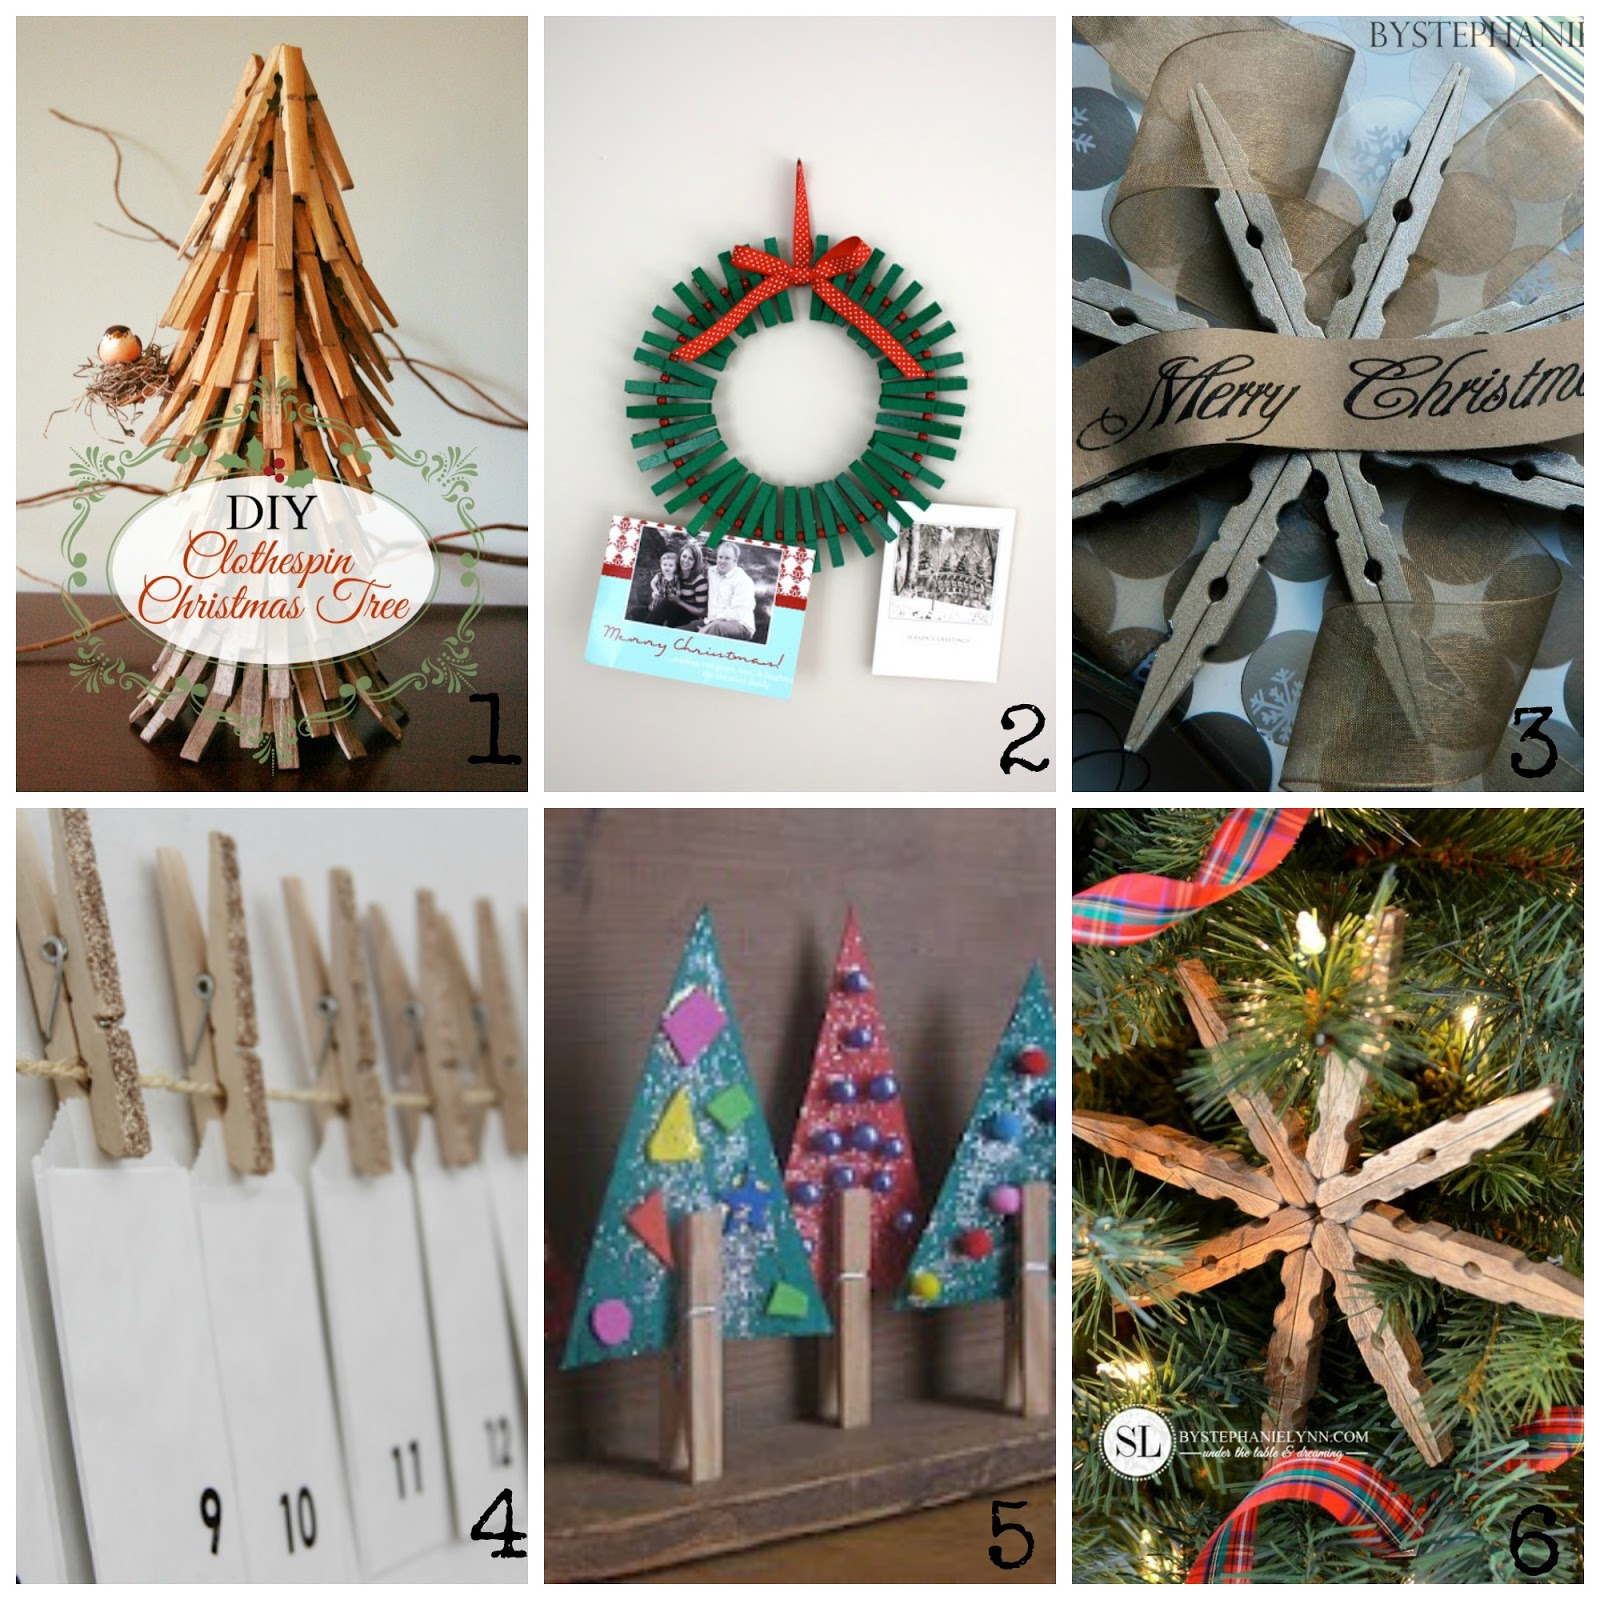 Decorazioni natalizie con le mollette di legno - Decorazioni natalizie legno fai da te ...